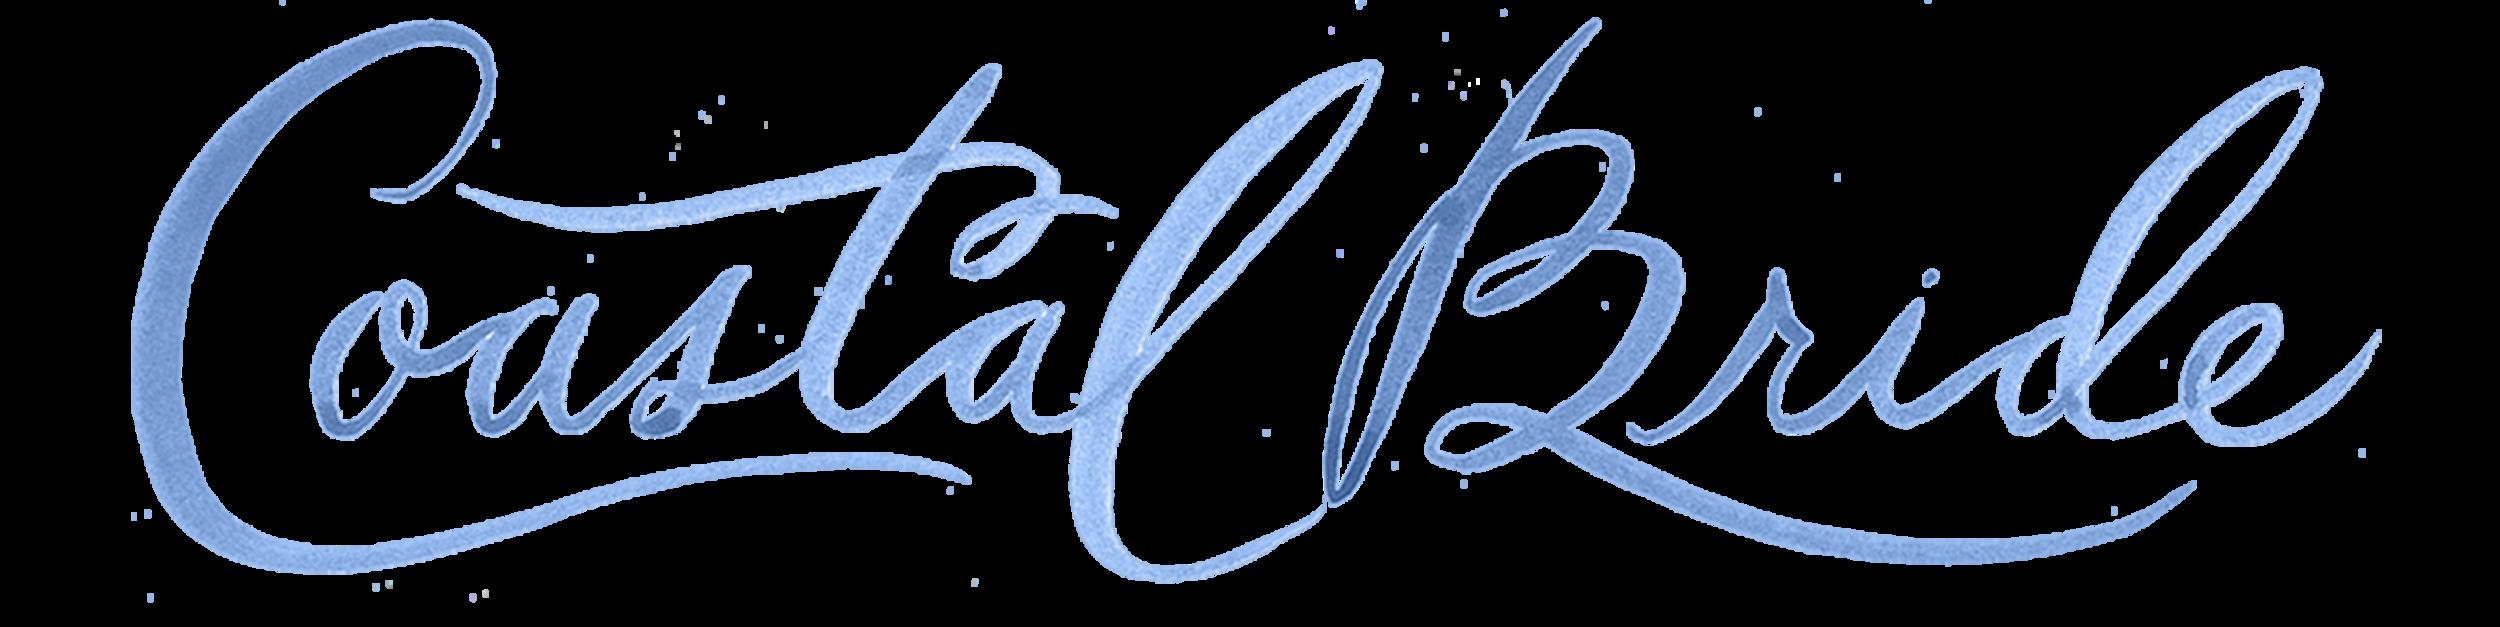 coastal-bride-logo-1.png